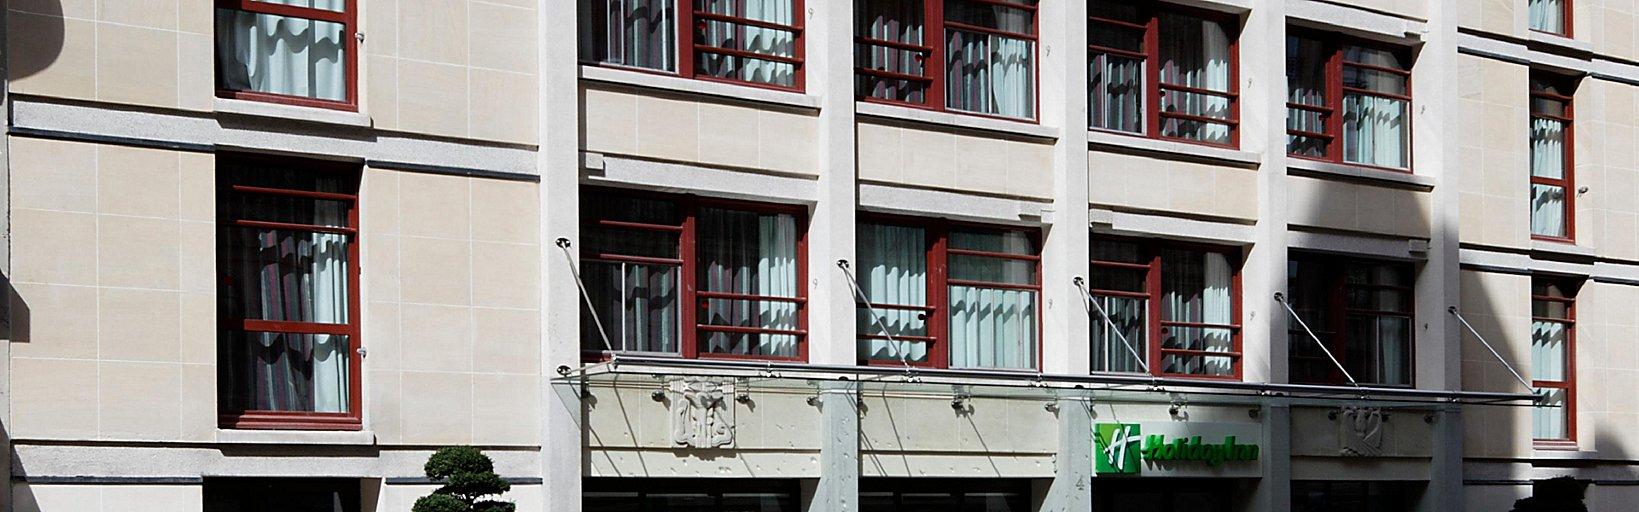 Hôtels à Quartier Latin Près De Notre Dame Holiday Inn